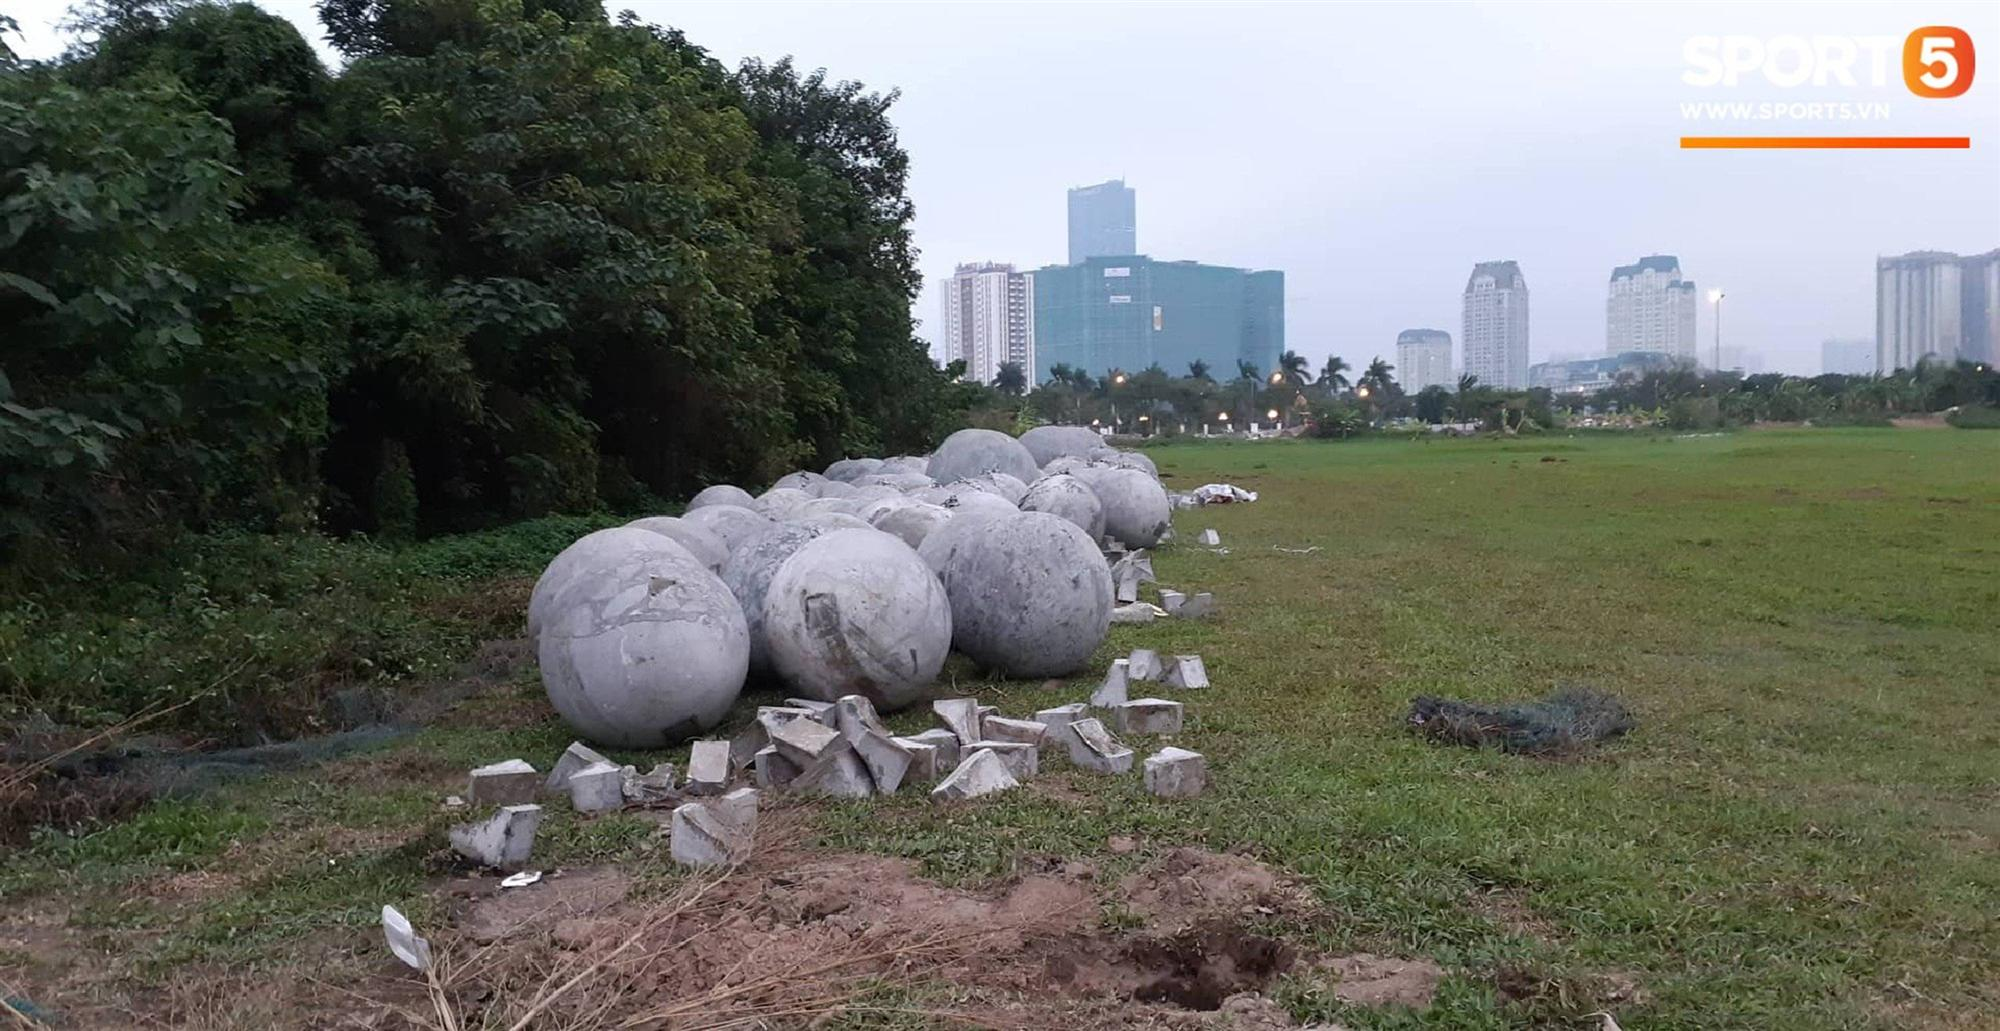 Đã tìm ra vị trí bí ẩn của 40 quả cầu đá sau khi bị di dời khỏi sân Mỹ Đình-3